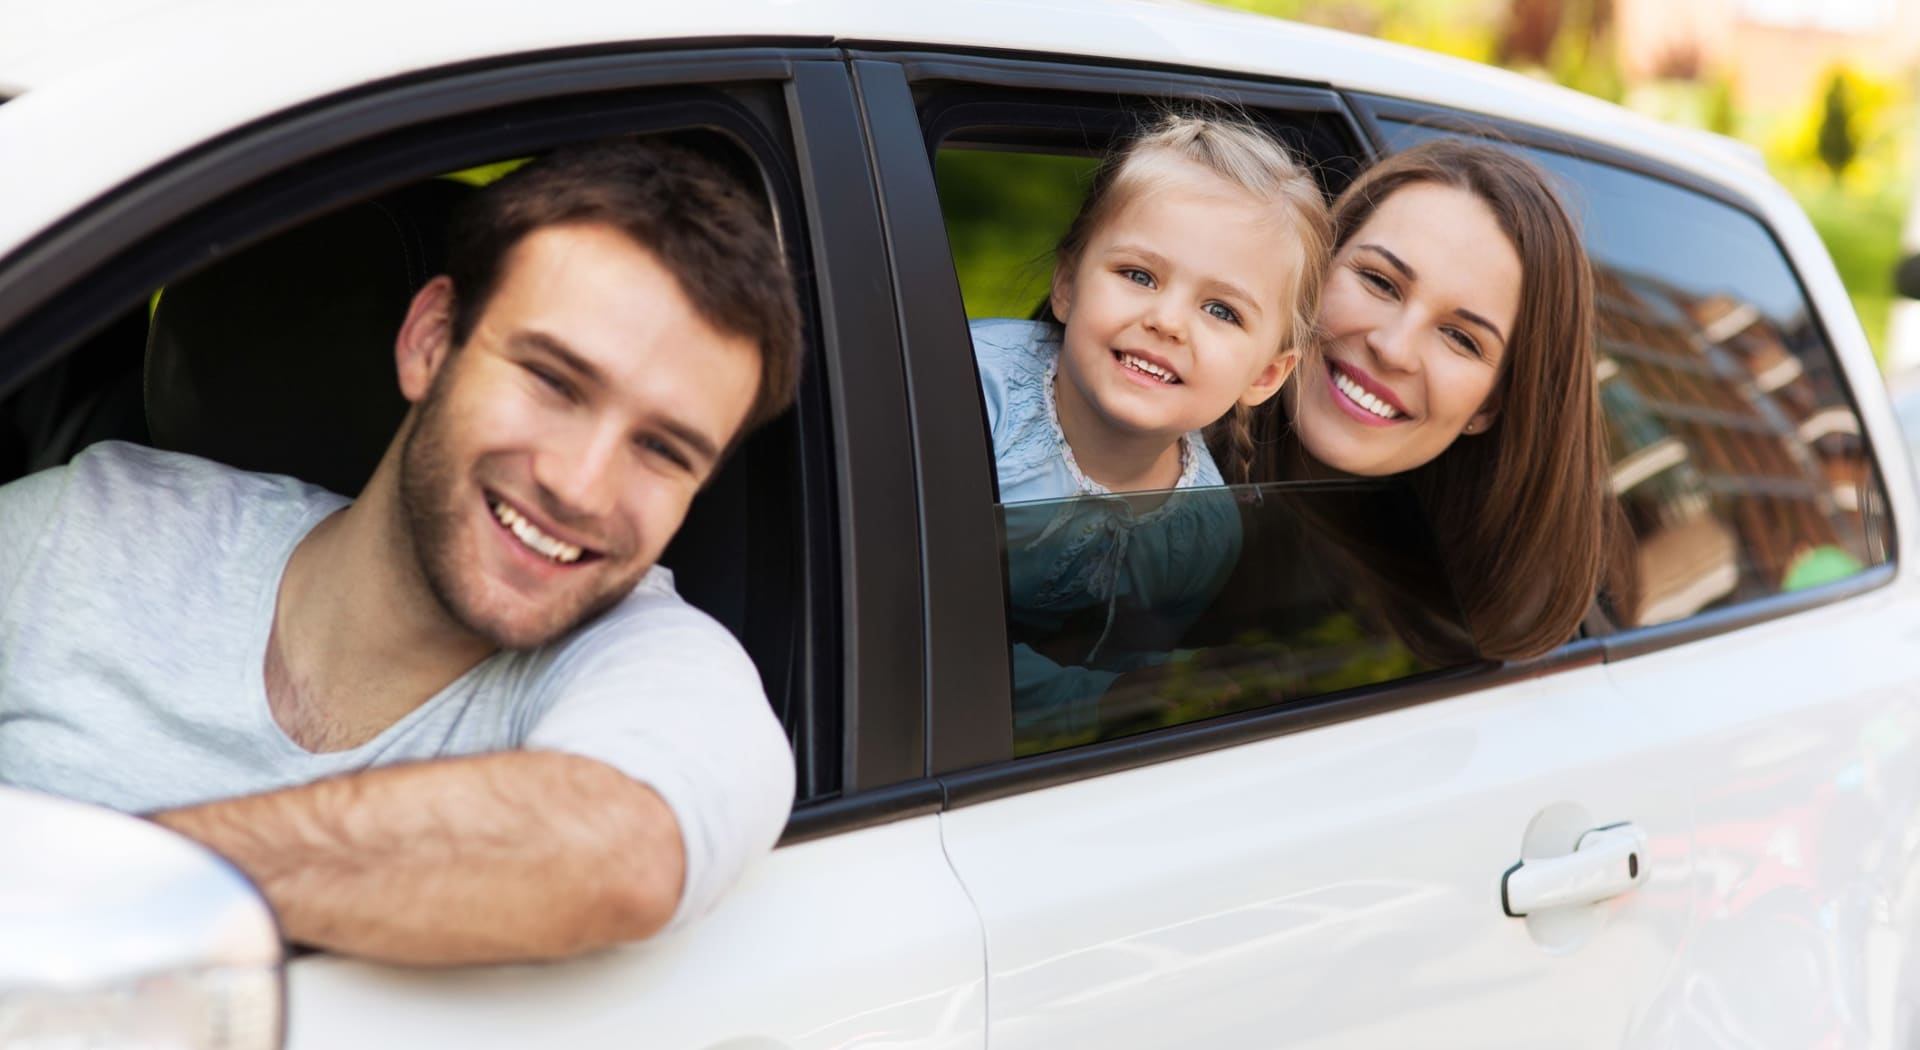 Hva skjer i en trafikkskadesak? Les våre tips for en riktig erstatning.